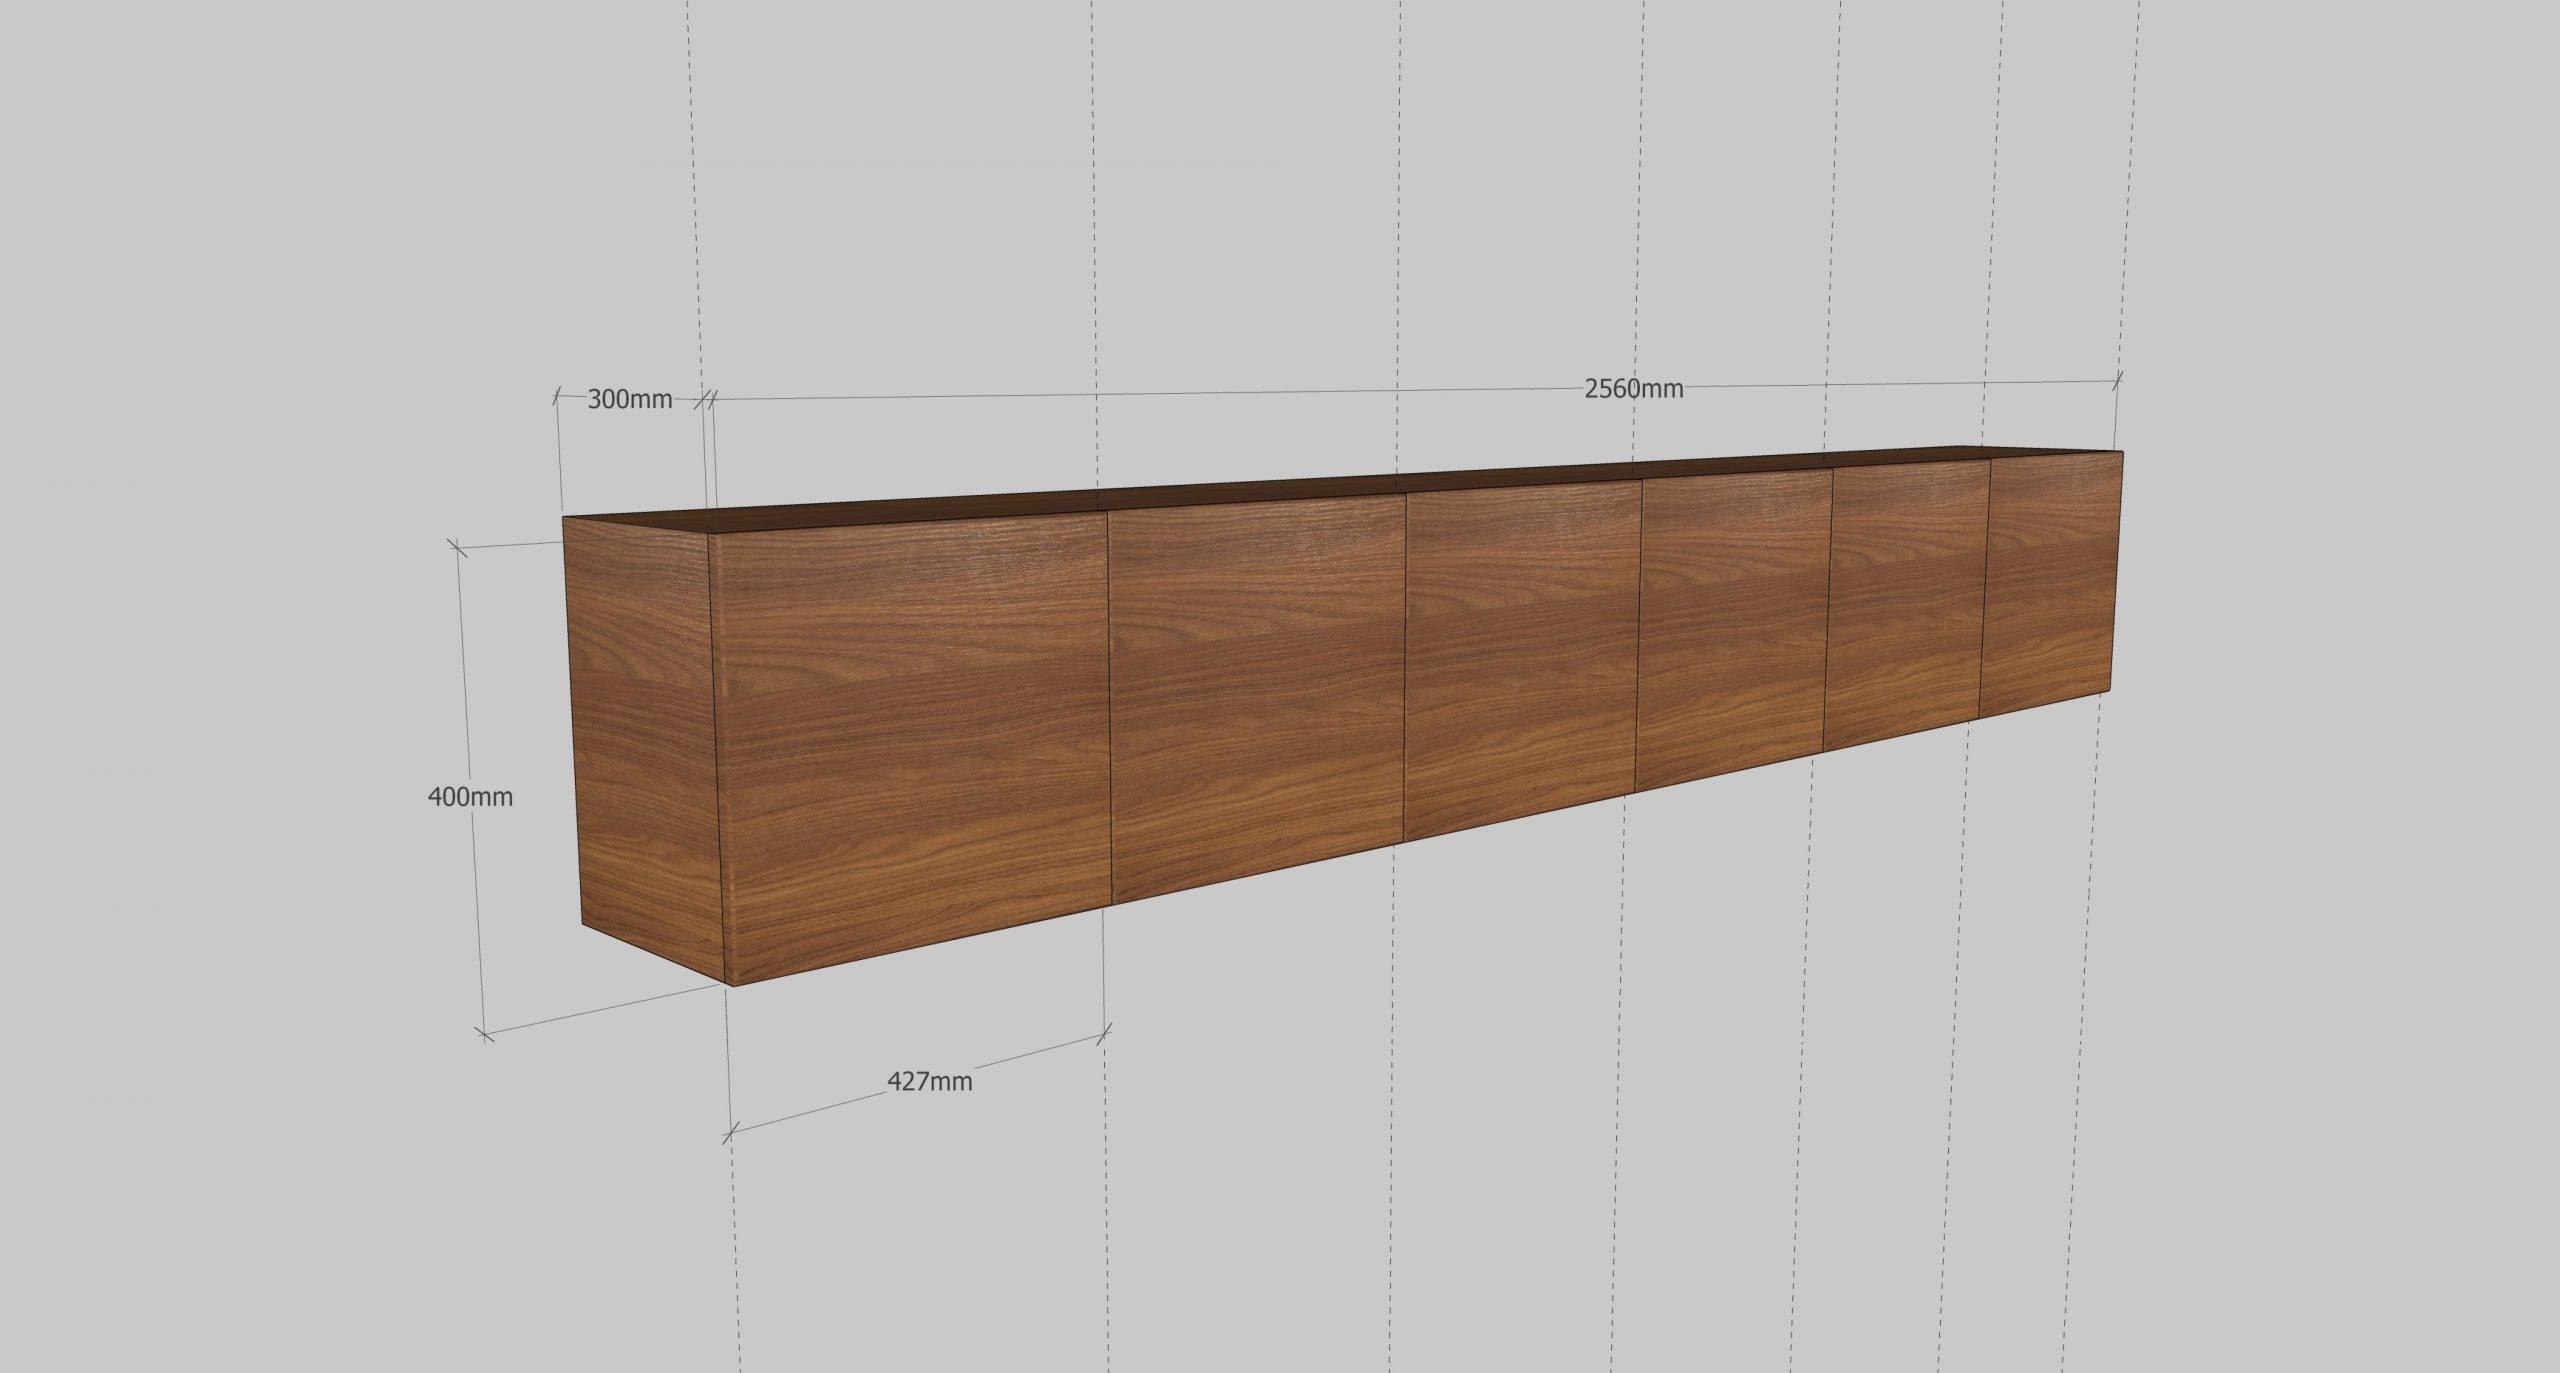 Bản thiết kế đồ gỗ nội thất